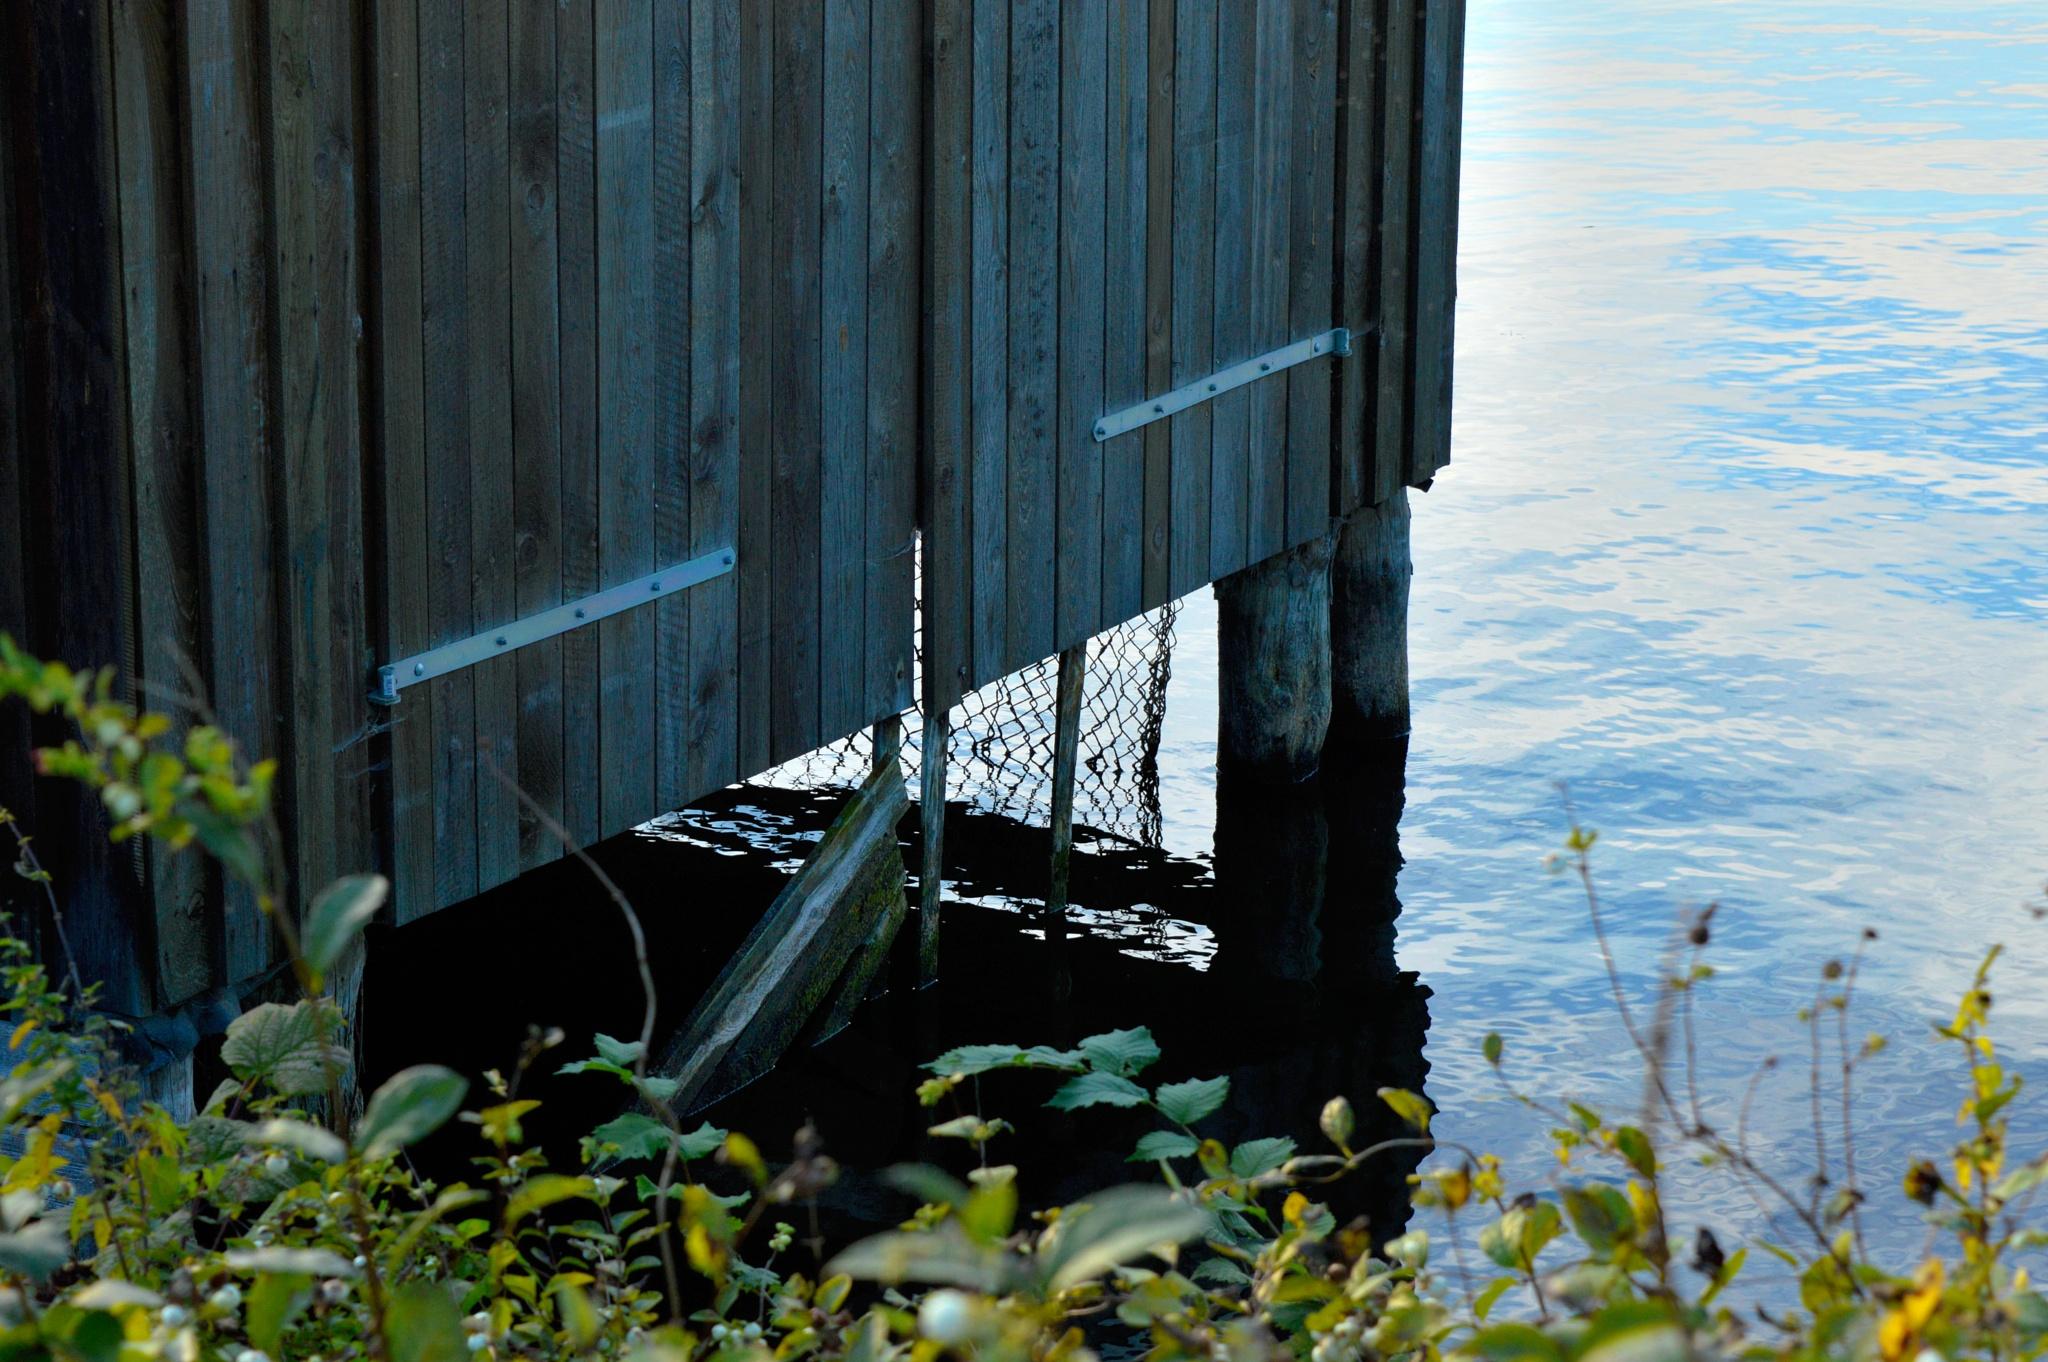 Fishing Net by Diino